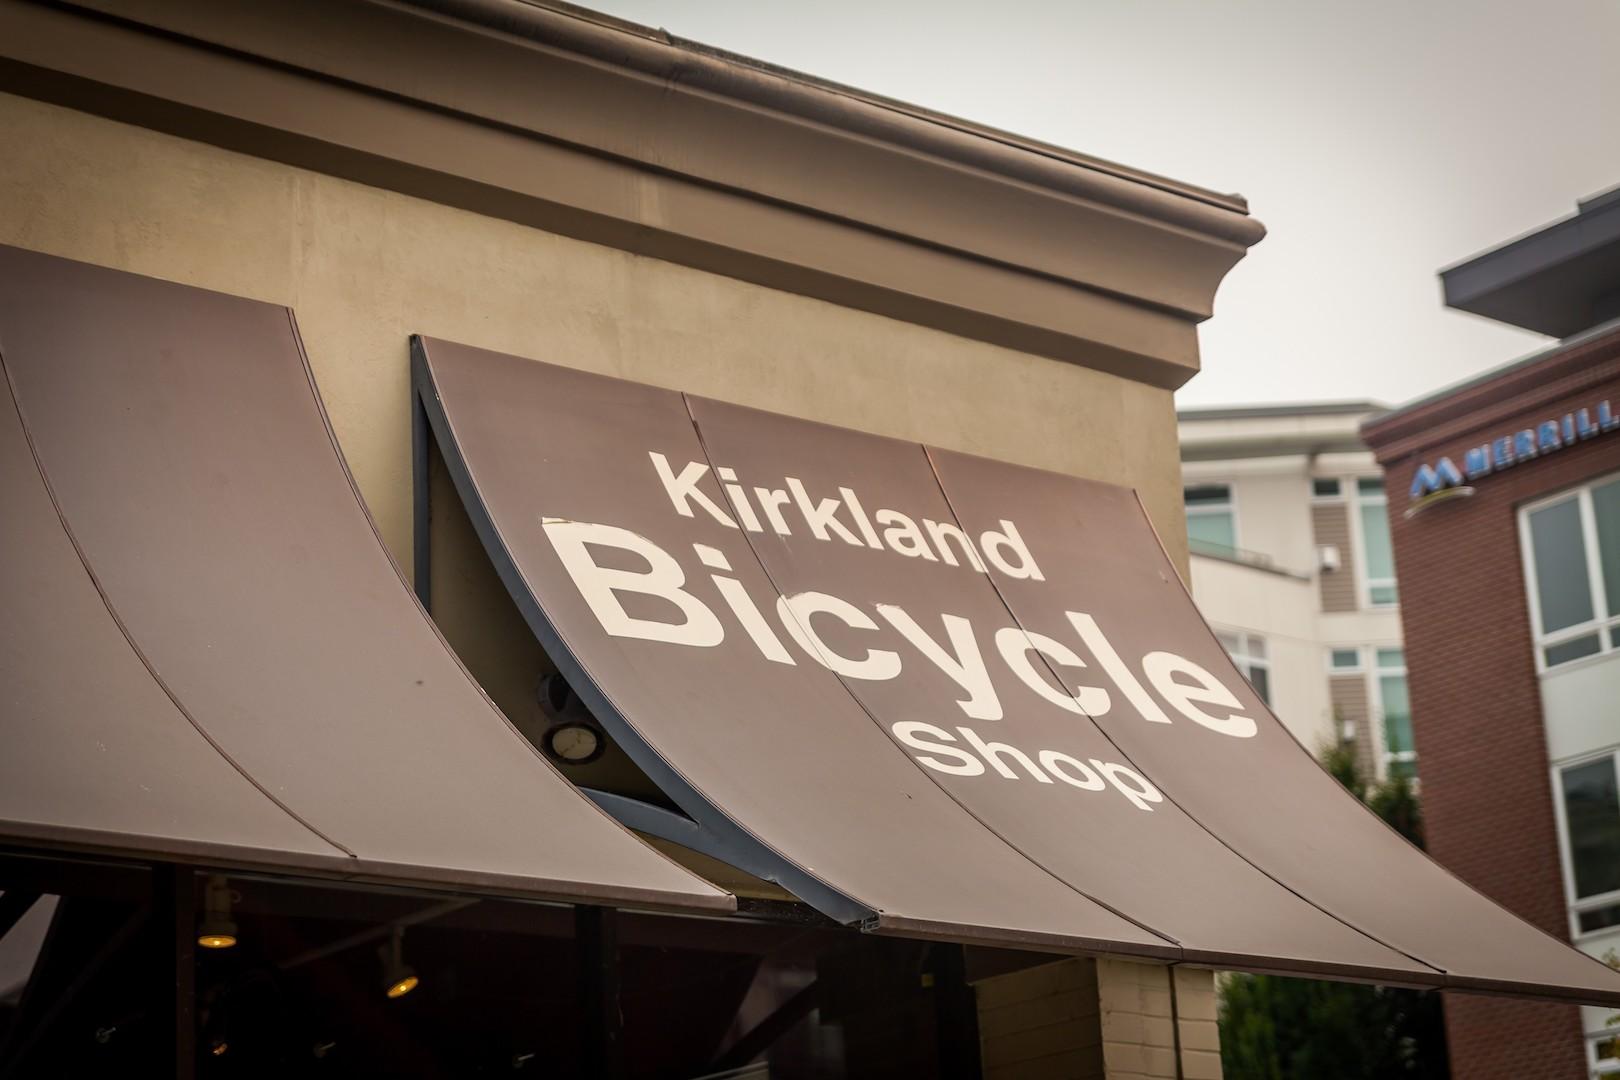 KIRKLAND BICYCLE SHOP